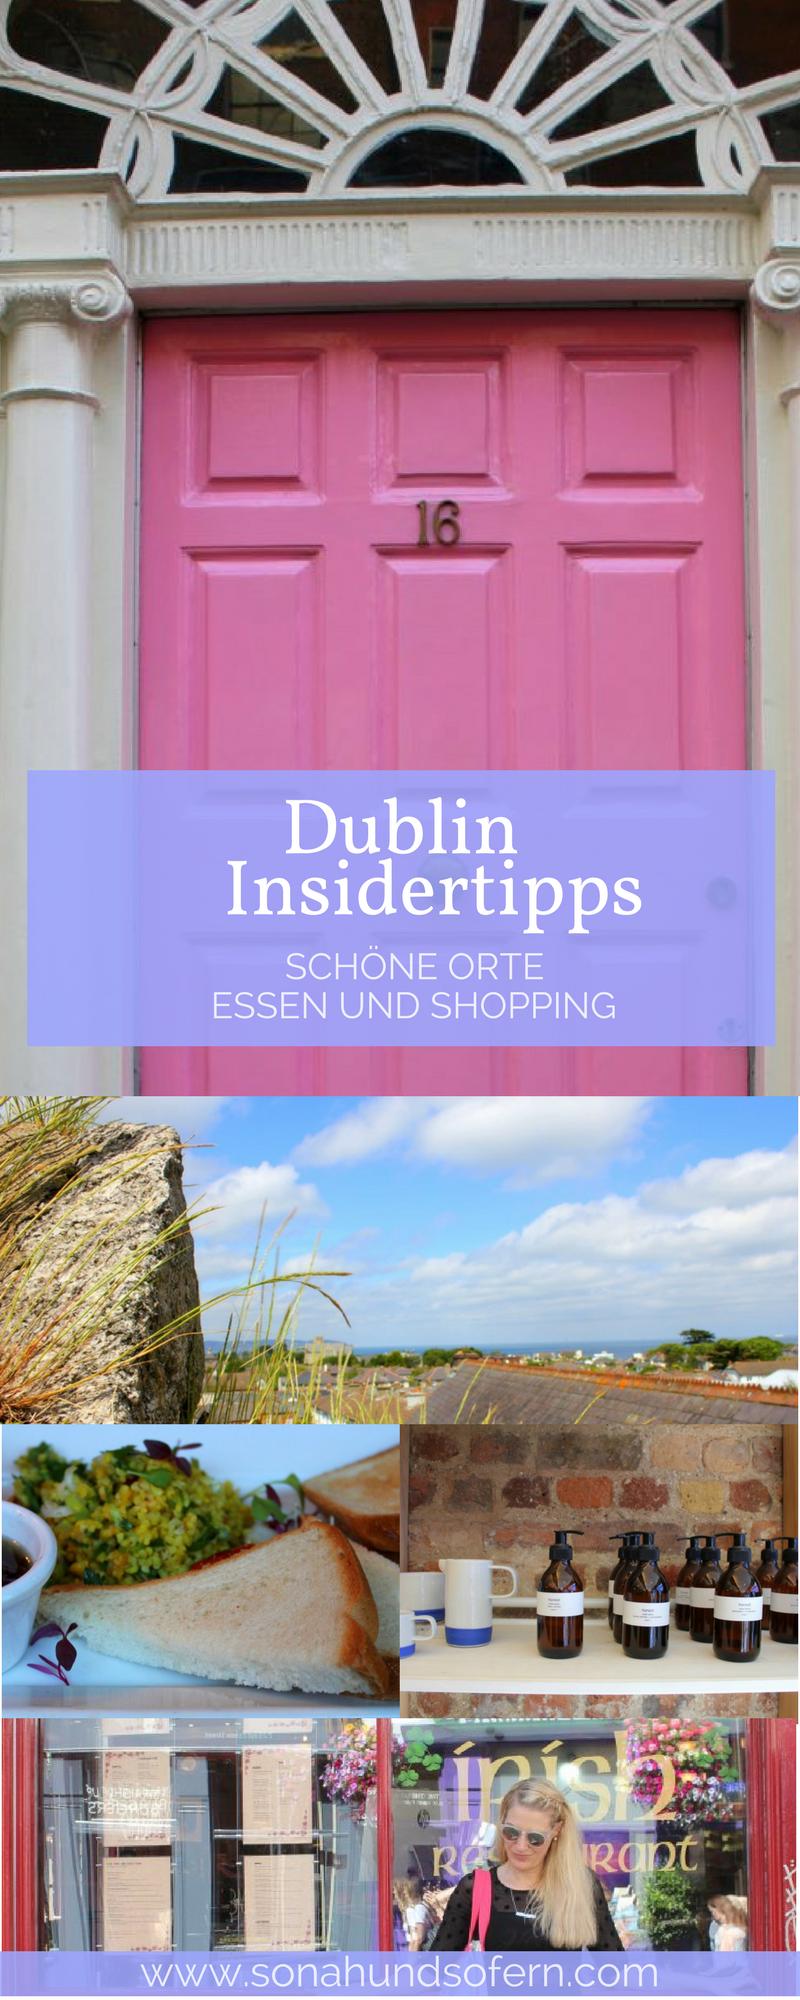 Dublin Insidertipps und Bilder #holidaytrip